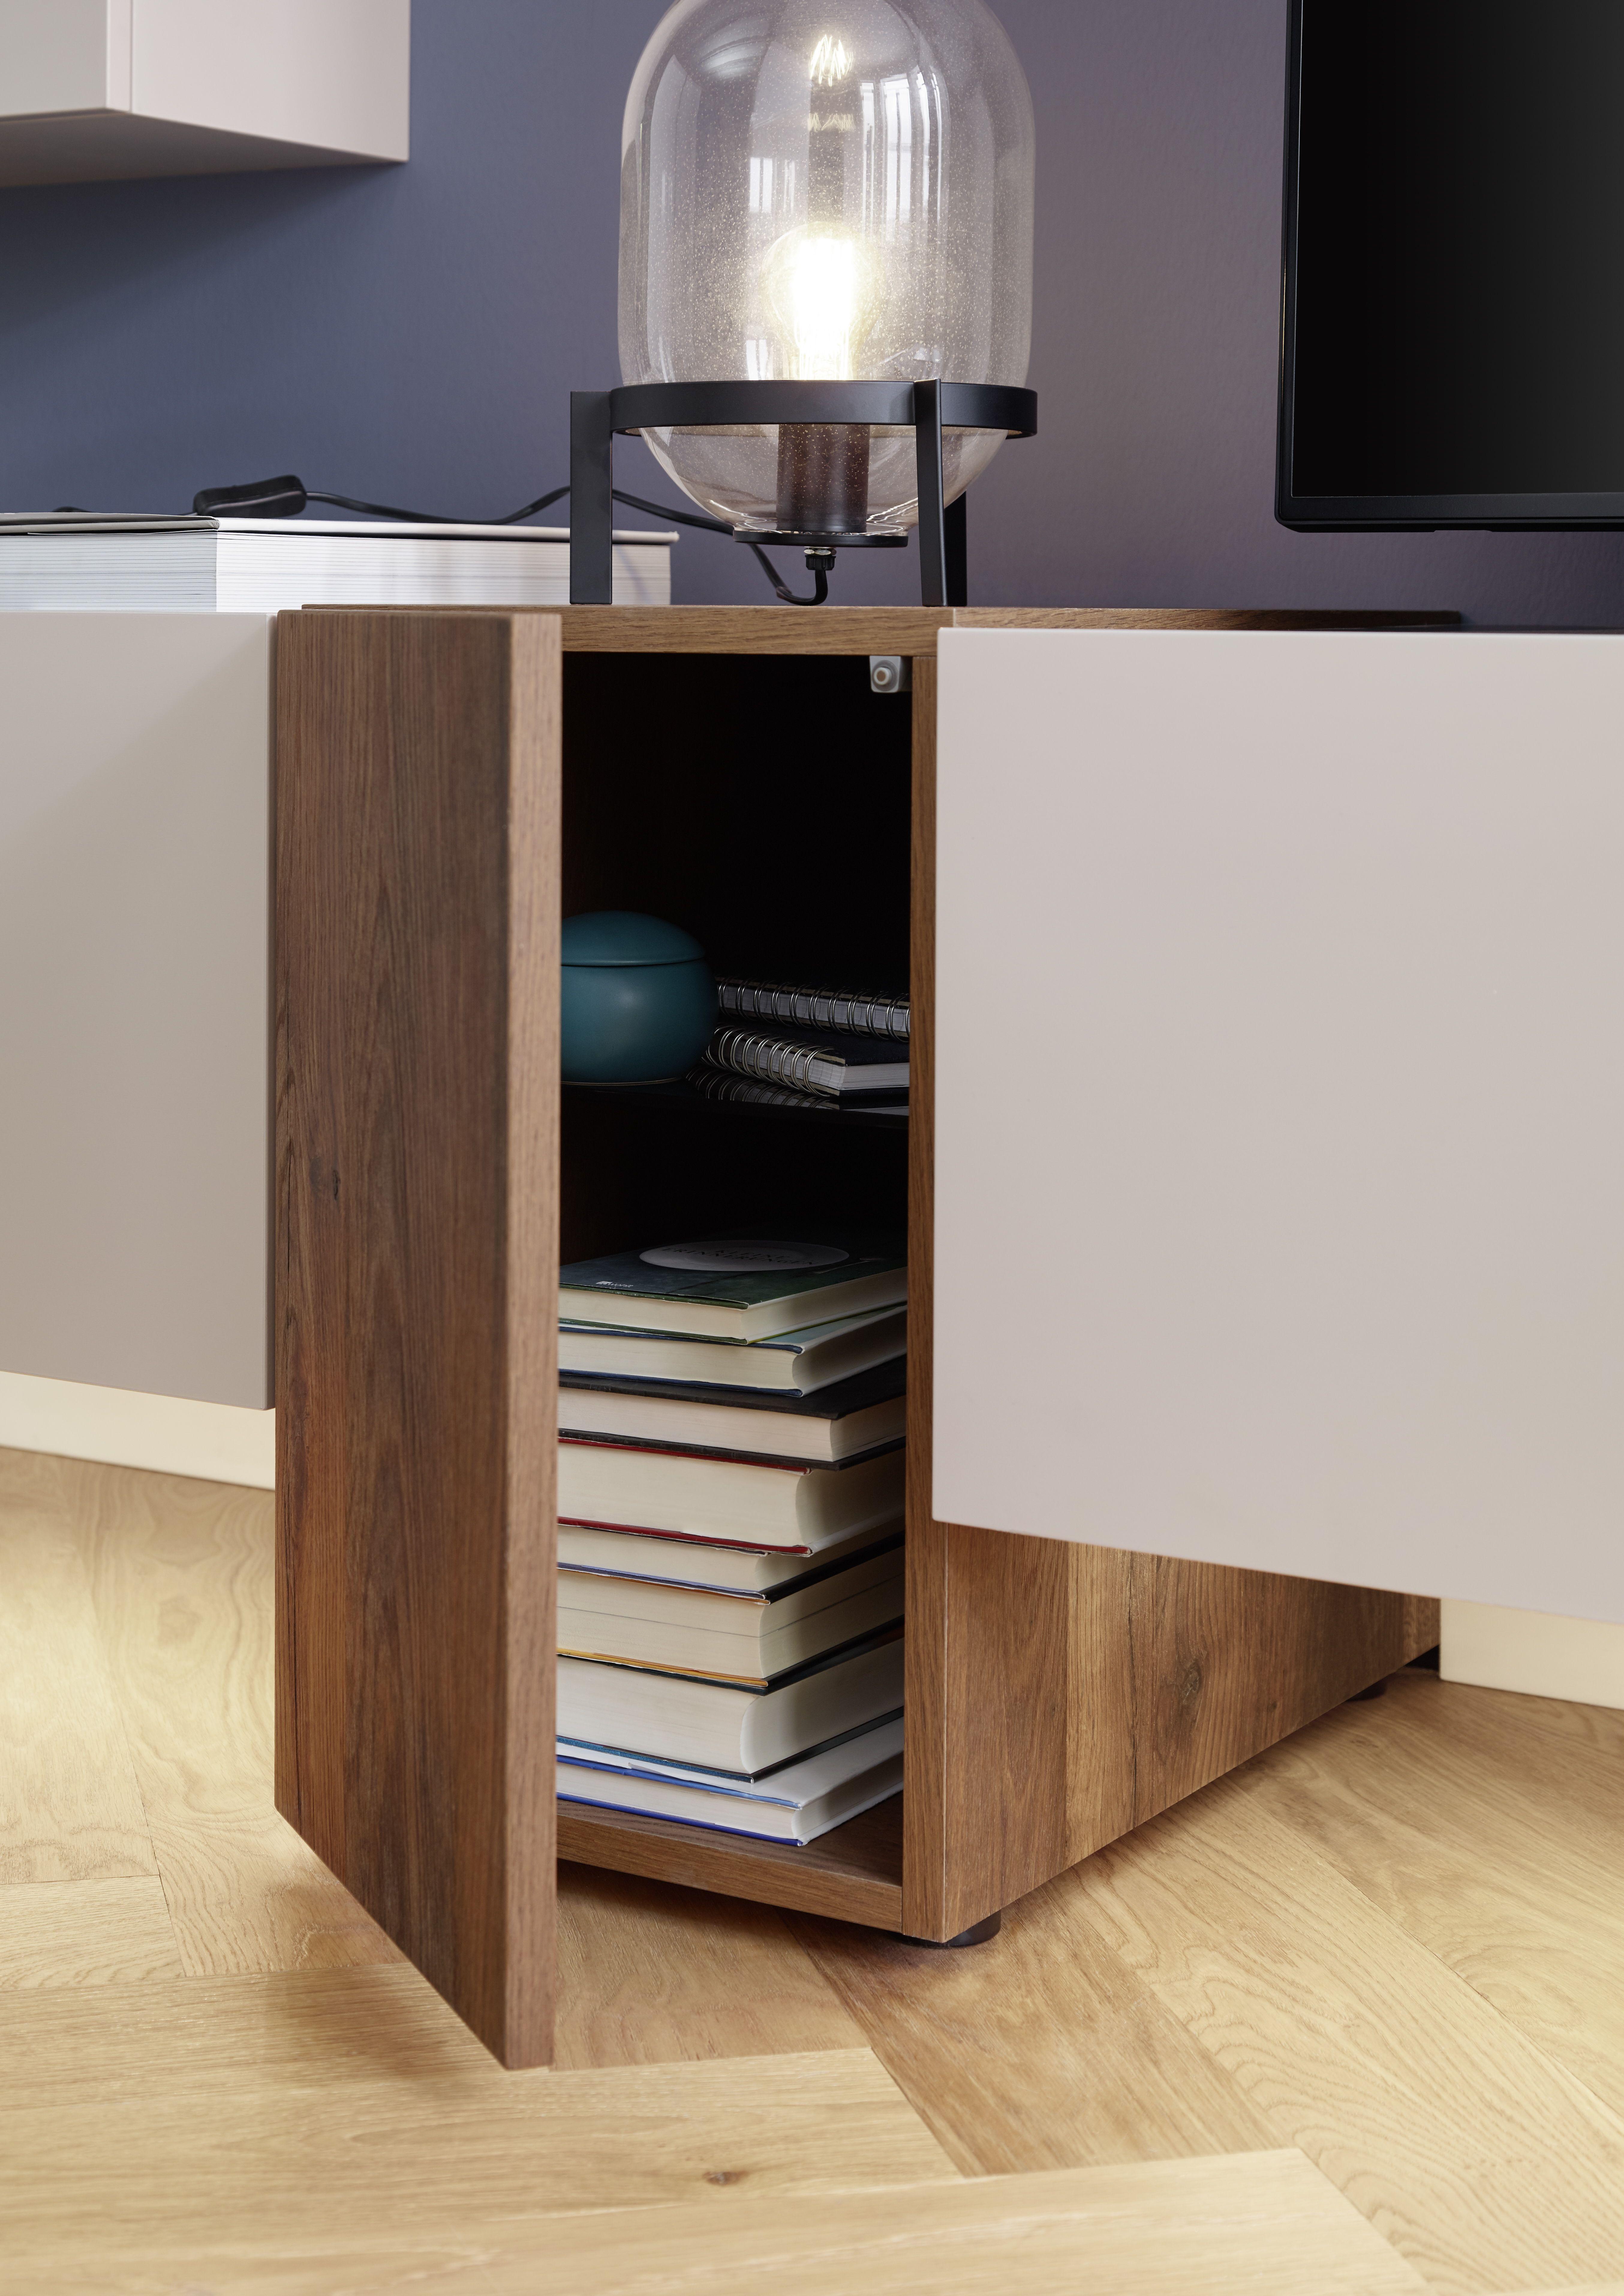 Wohnideen Inspiration möbel madeingermany furniture gwinner wohndesign design